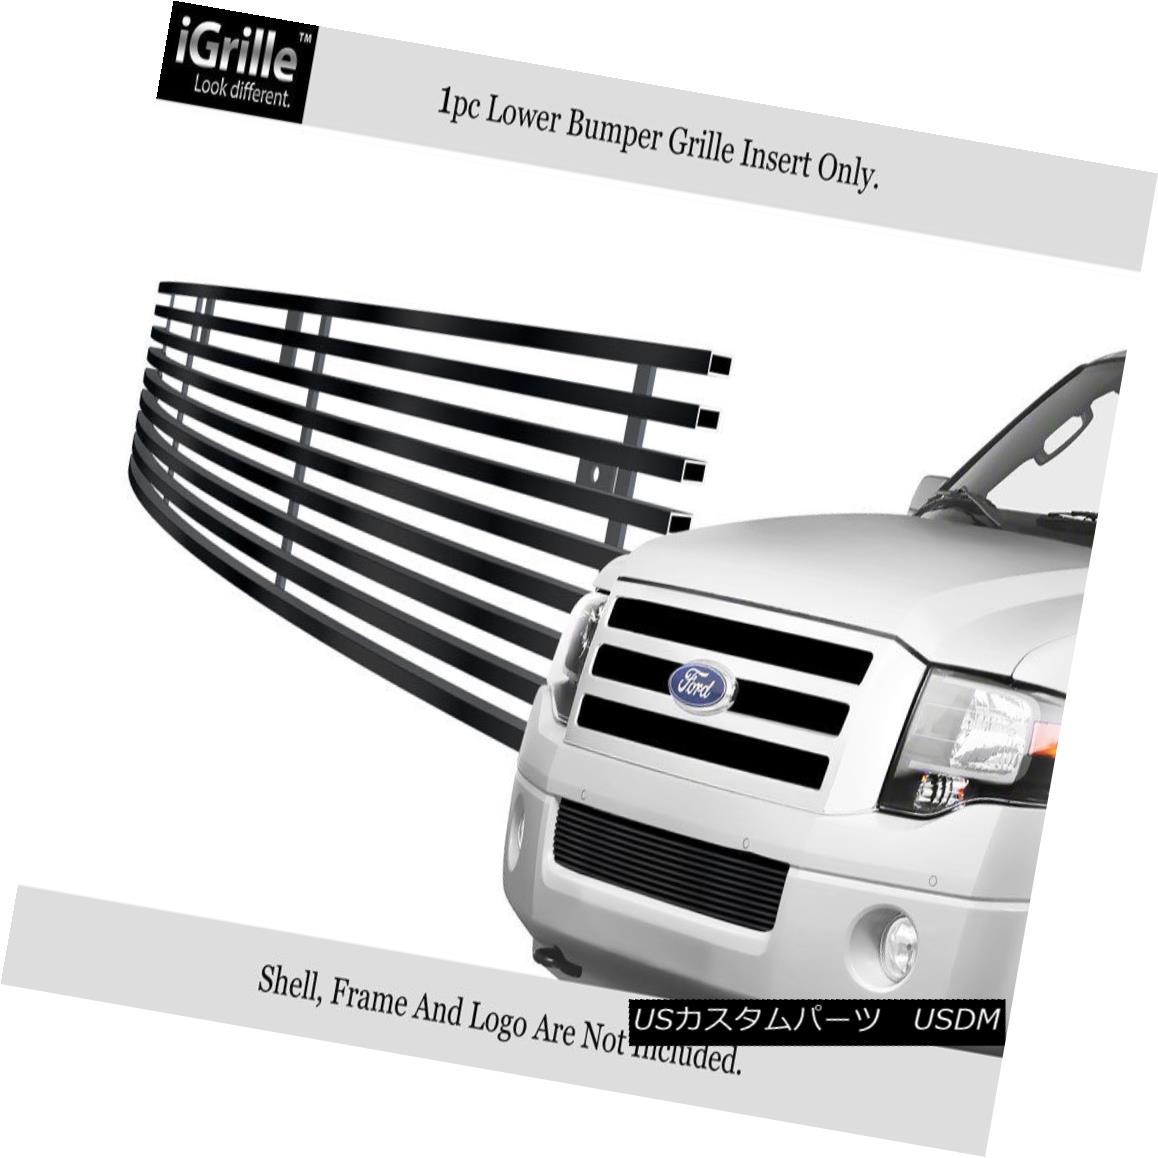 グリル For 2007-2014 Ford Expedition Bumper Black Stainless Steel Billet Grille 2007?2014年フォード遠征バンパーブラックステンレス鋼ビレットグリル